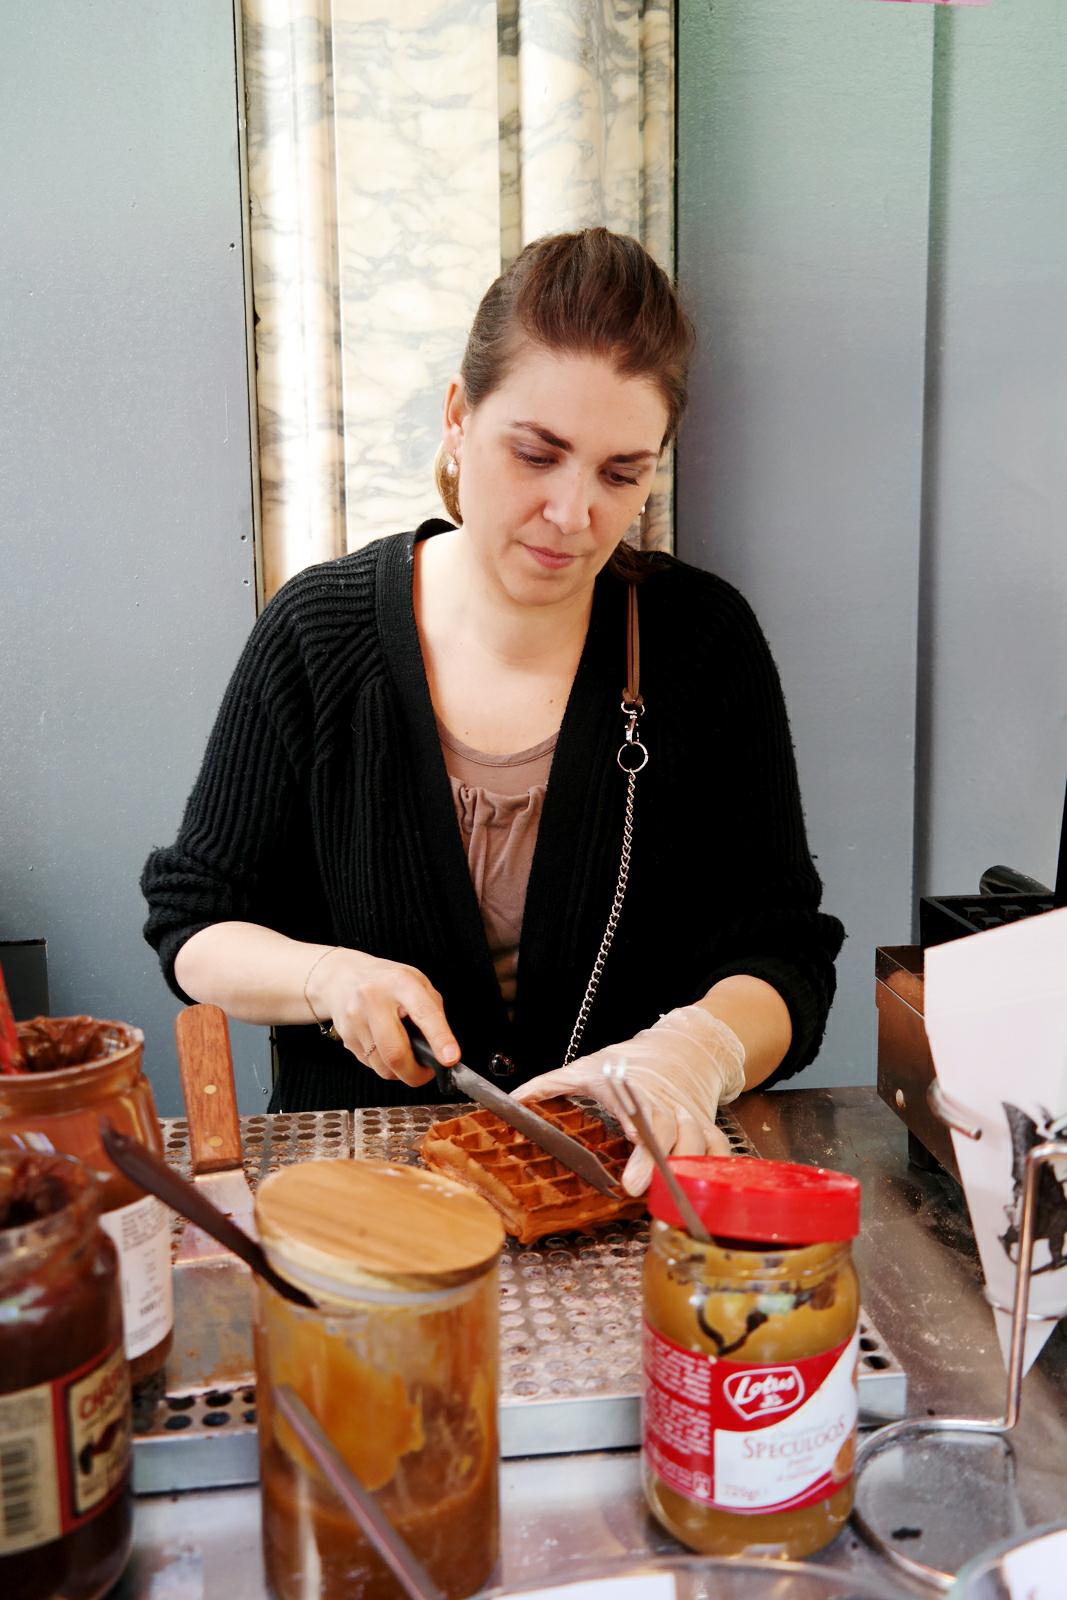 Ange-Macias-créatrice-concept-Les-Oublieurs-gaufre-d-antan-sucrée-salée-street-food-dessert-kiosque-gourmand-Printemps-Boulevard-Haussmann-photo-by-united-states-of-paris-blog